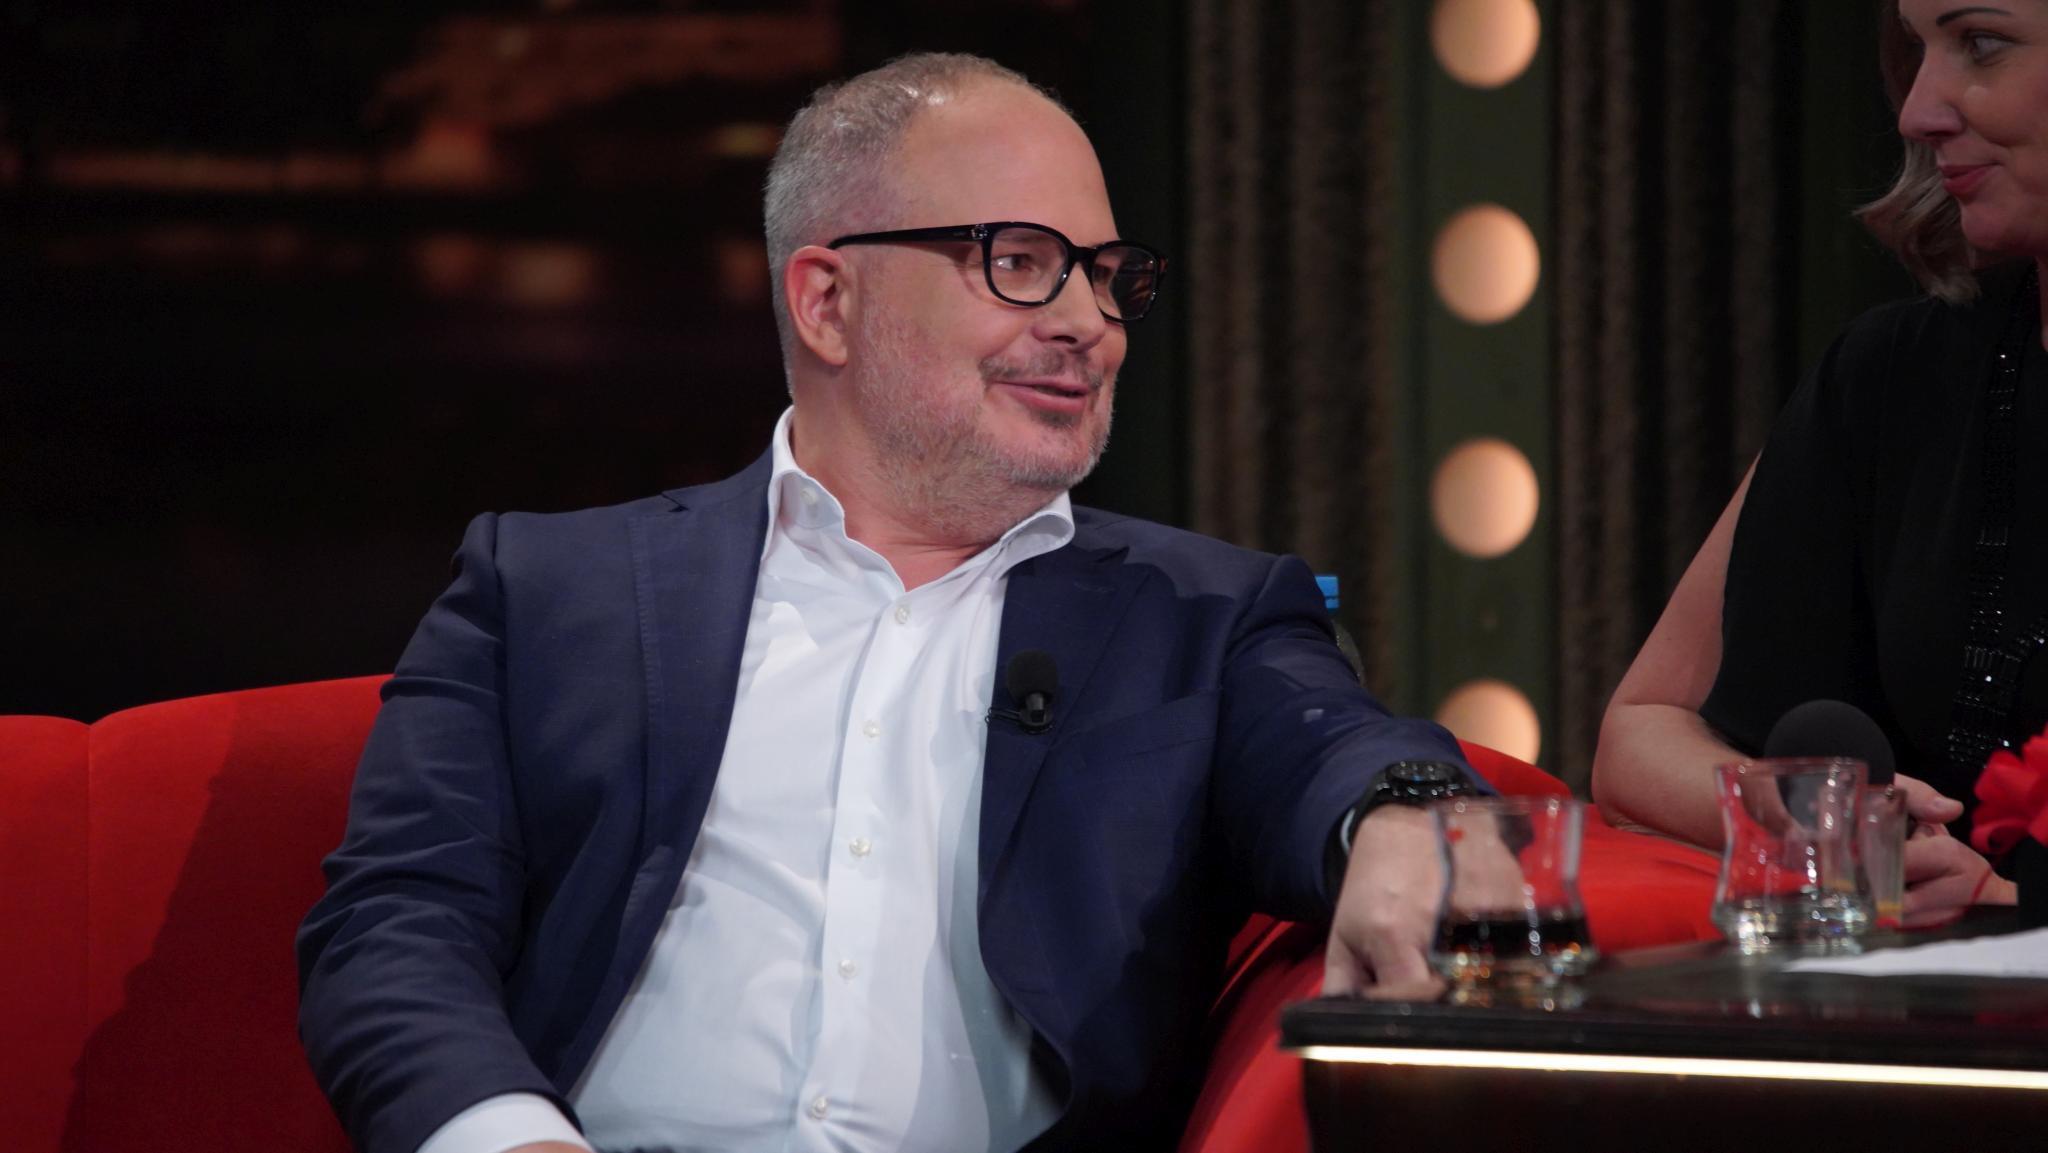 Šéf společnosti Mattoni 1873 Alessandro Pasquale v SJK 16. 12. 2020